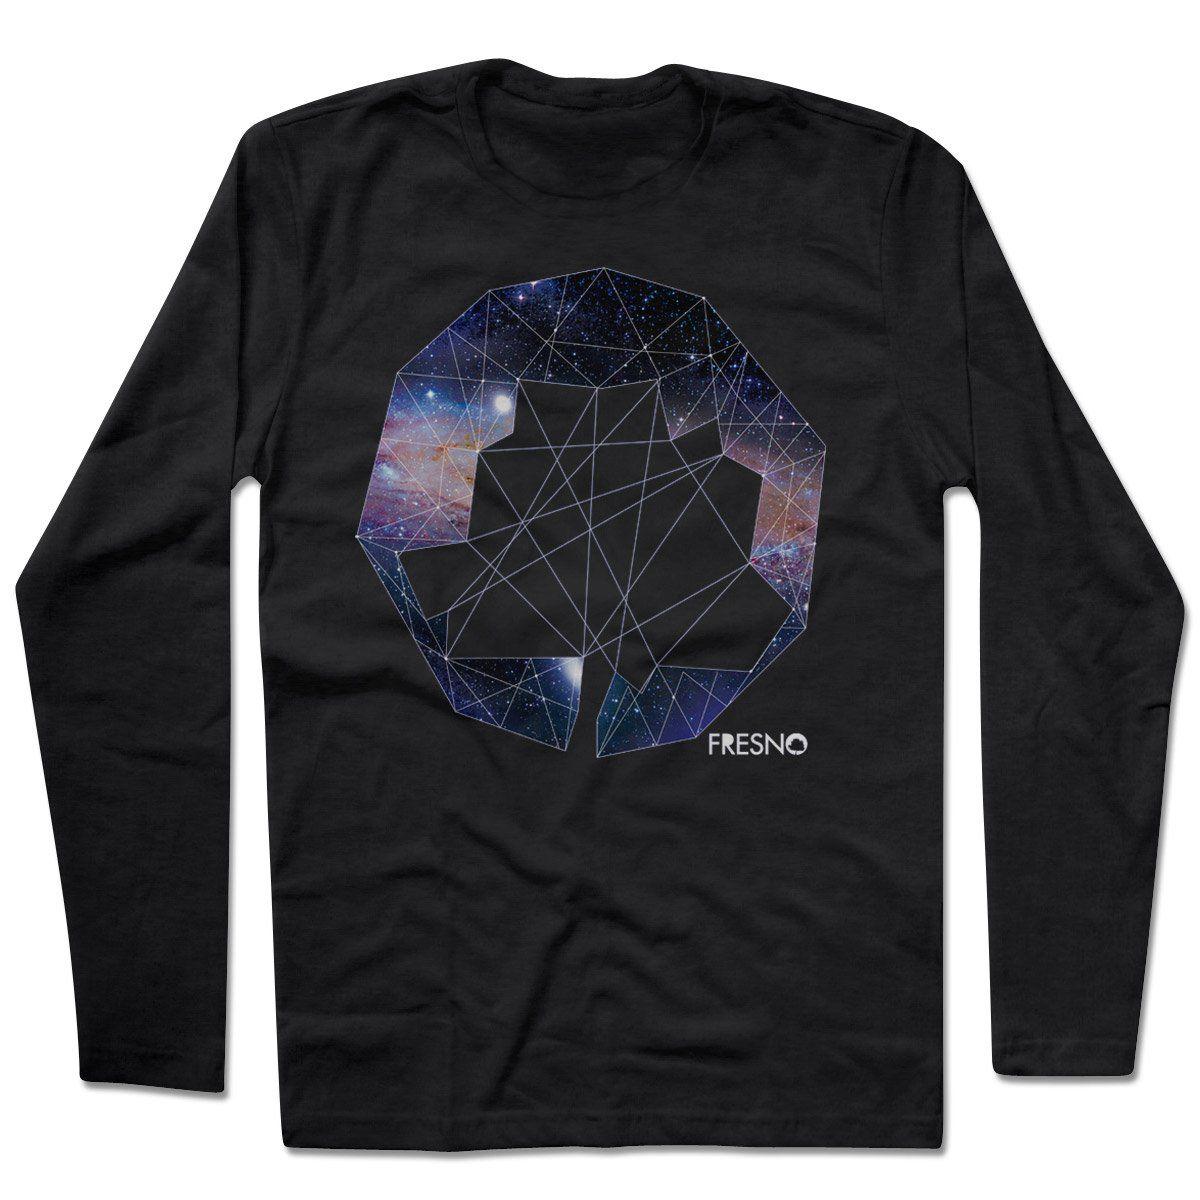 Camiseta Manga Longa Fresno - Logo Galáxias Preta